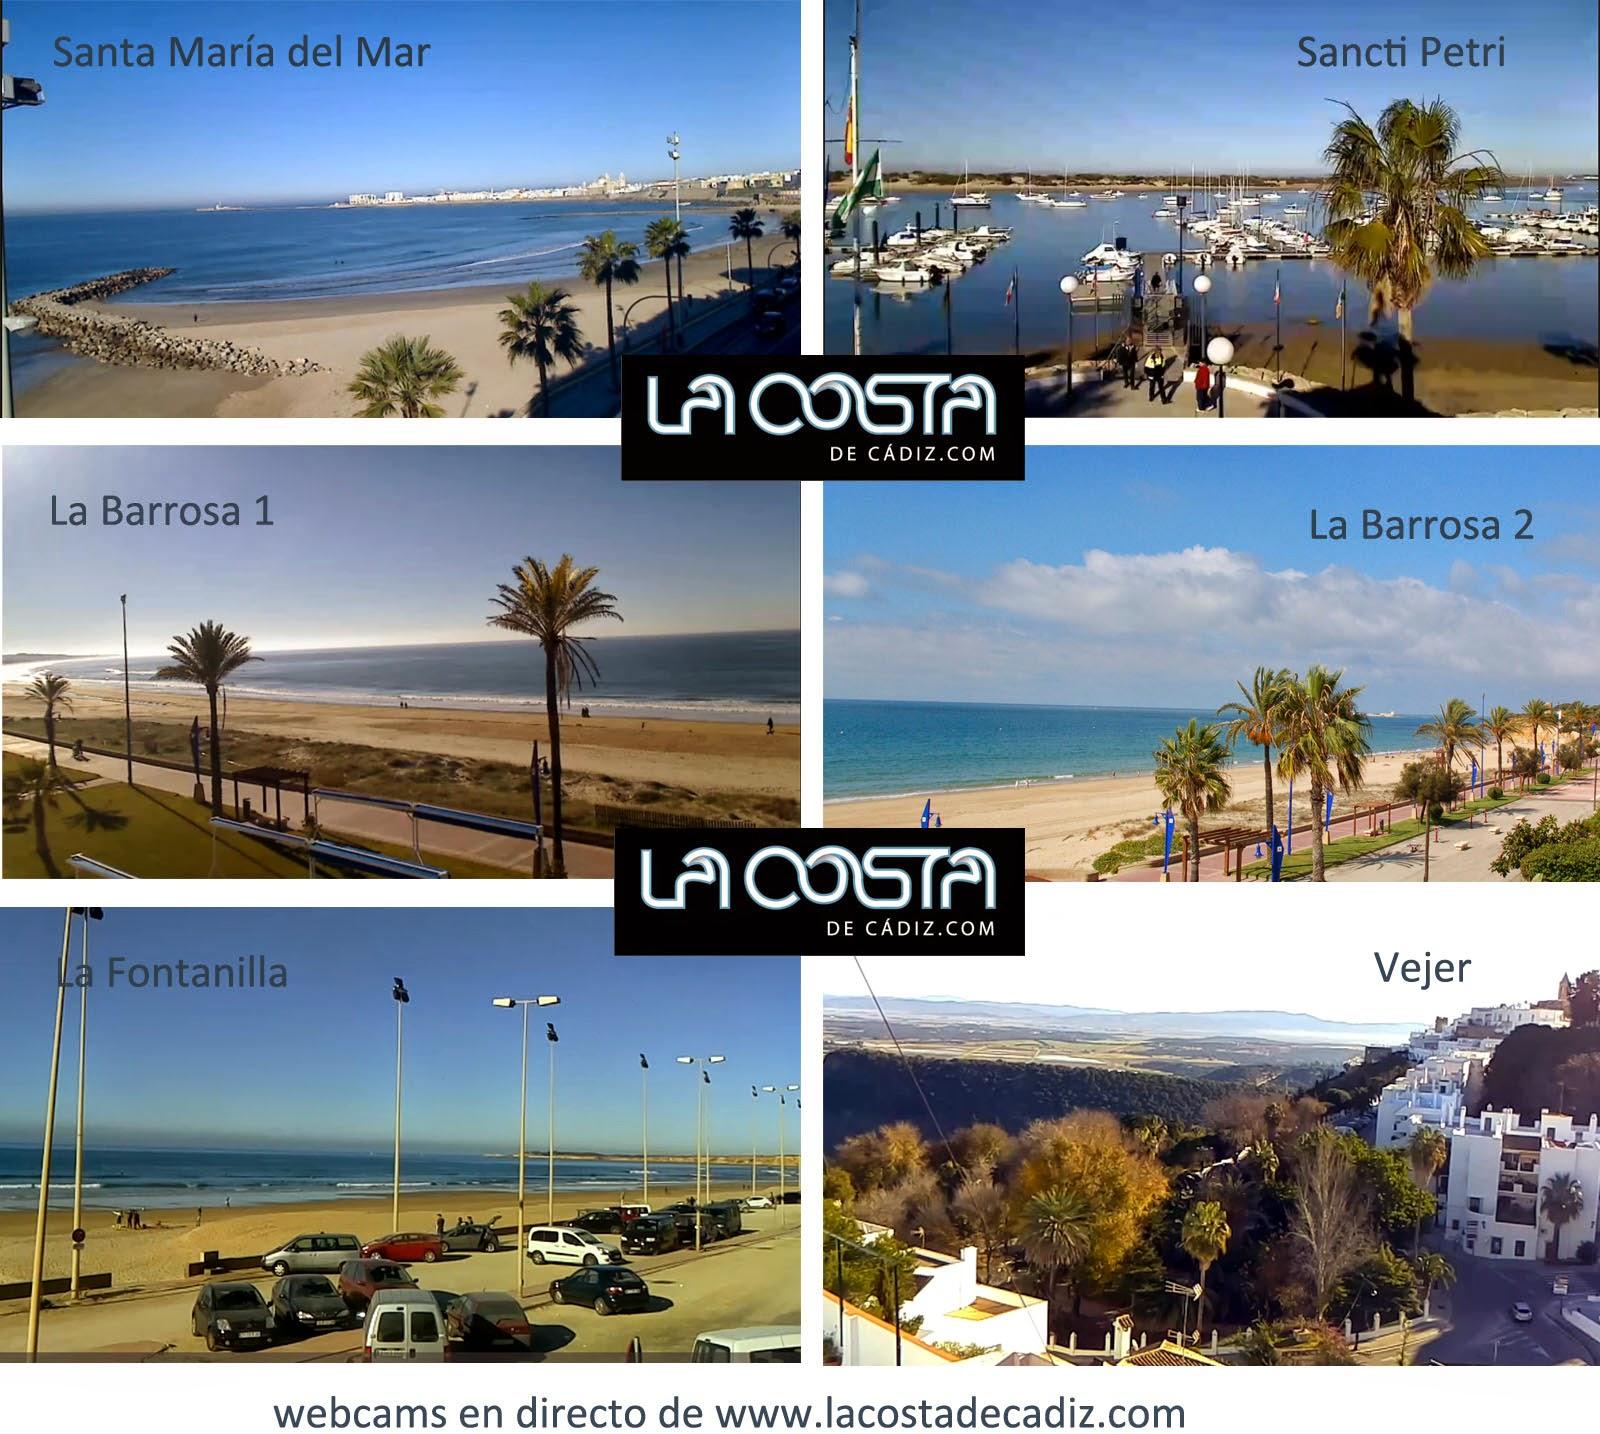 www.lacostadecadiz.com